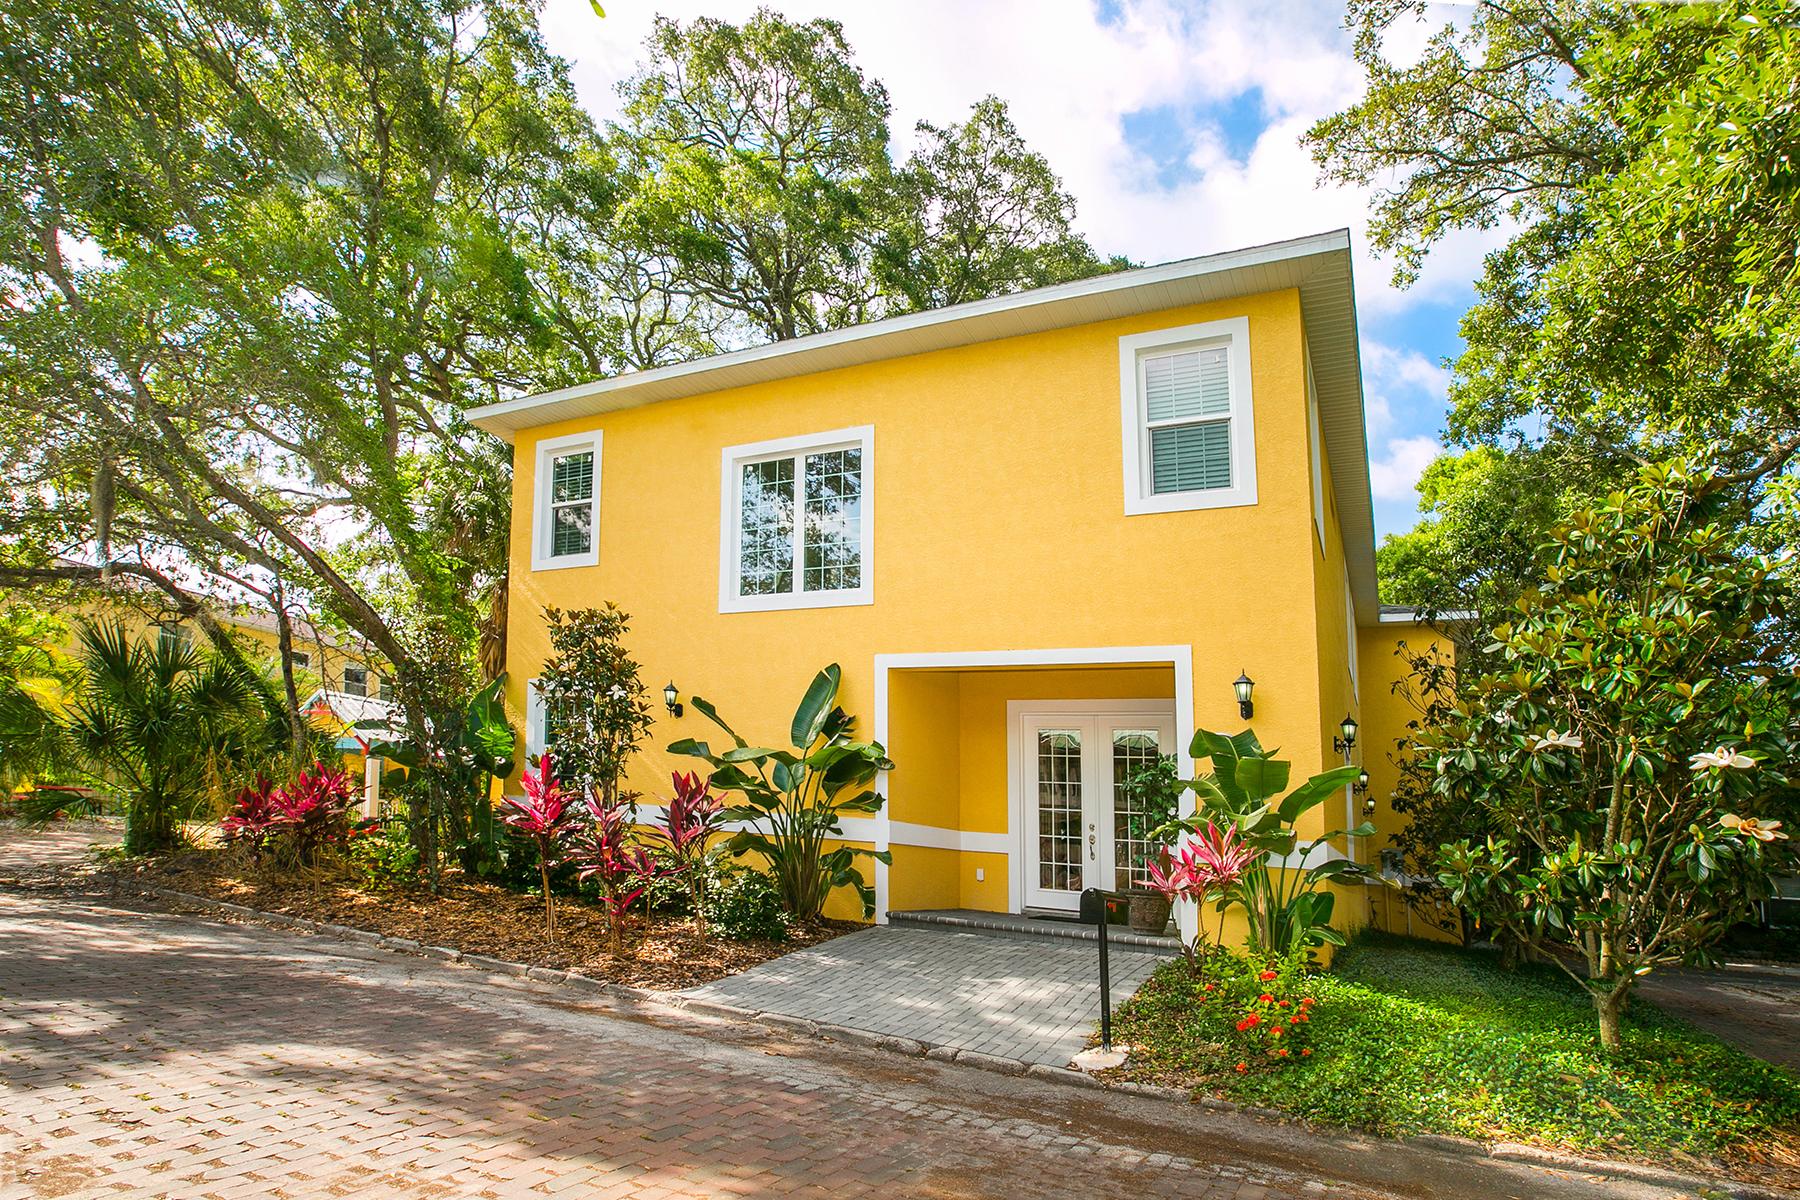 단독 가정 주택 용 매매 에 DOWNTOWN SARASOTA 1830 Hawkins Ct Sarasota, 플로리다 34236 미국